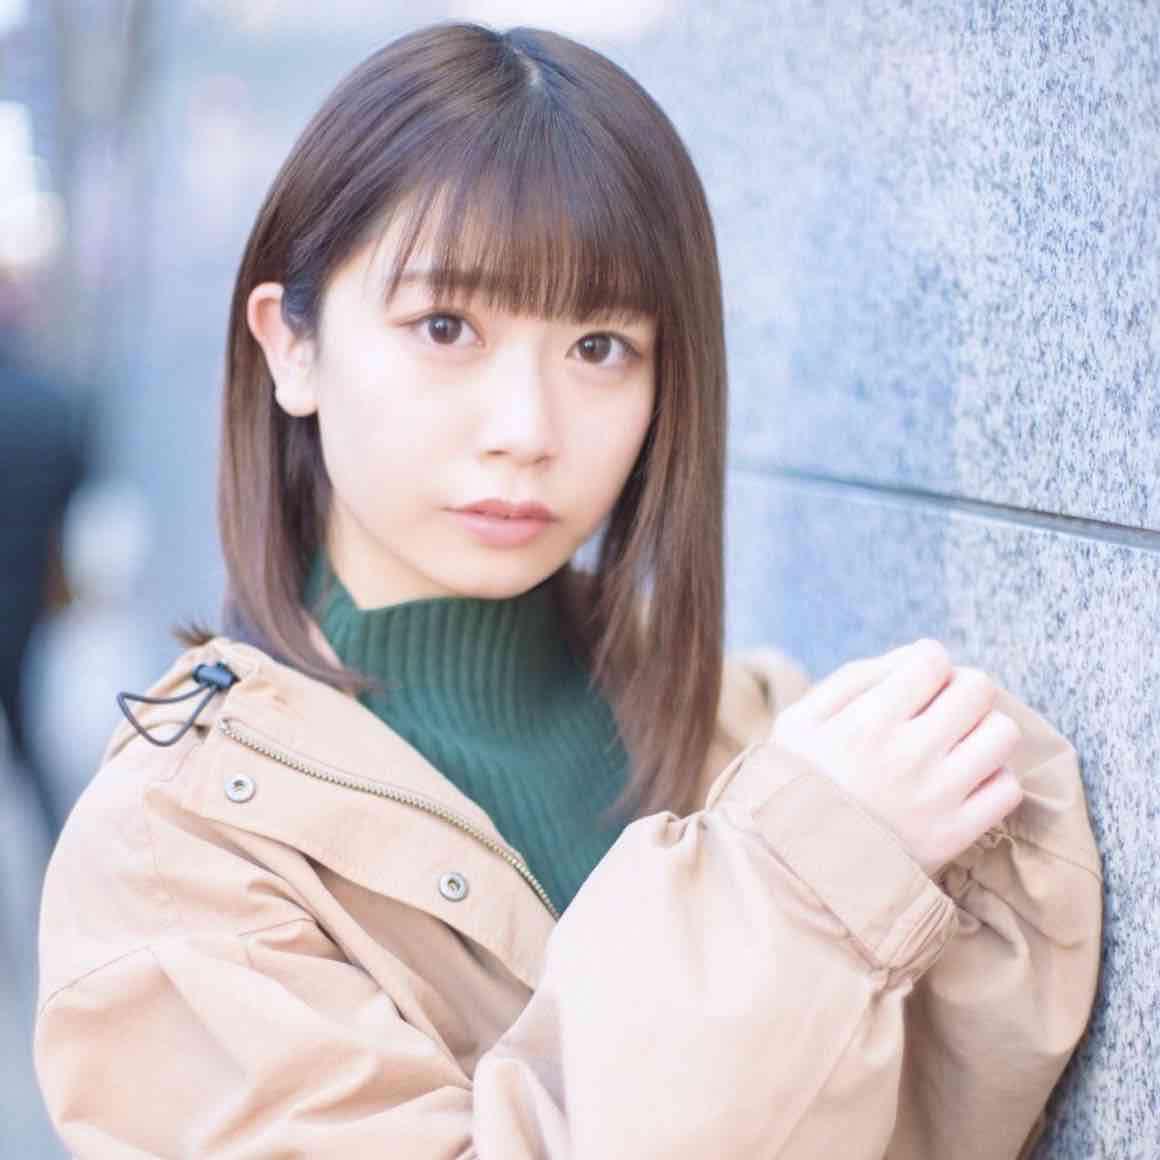 アッキー☆のプロフィール画像